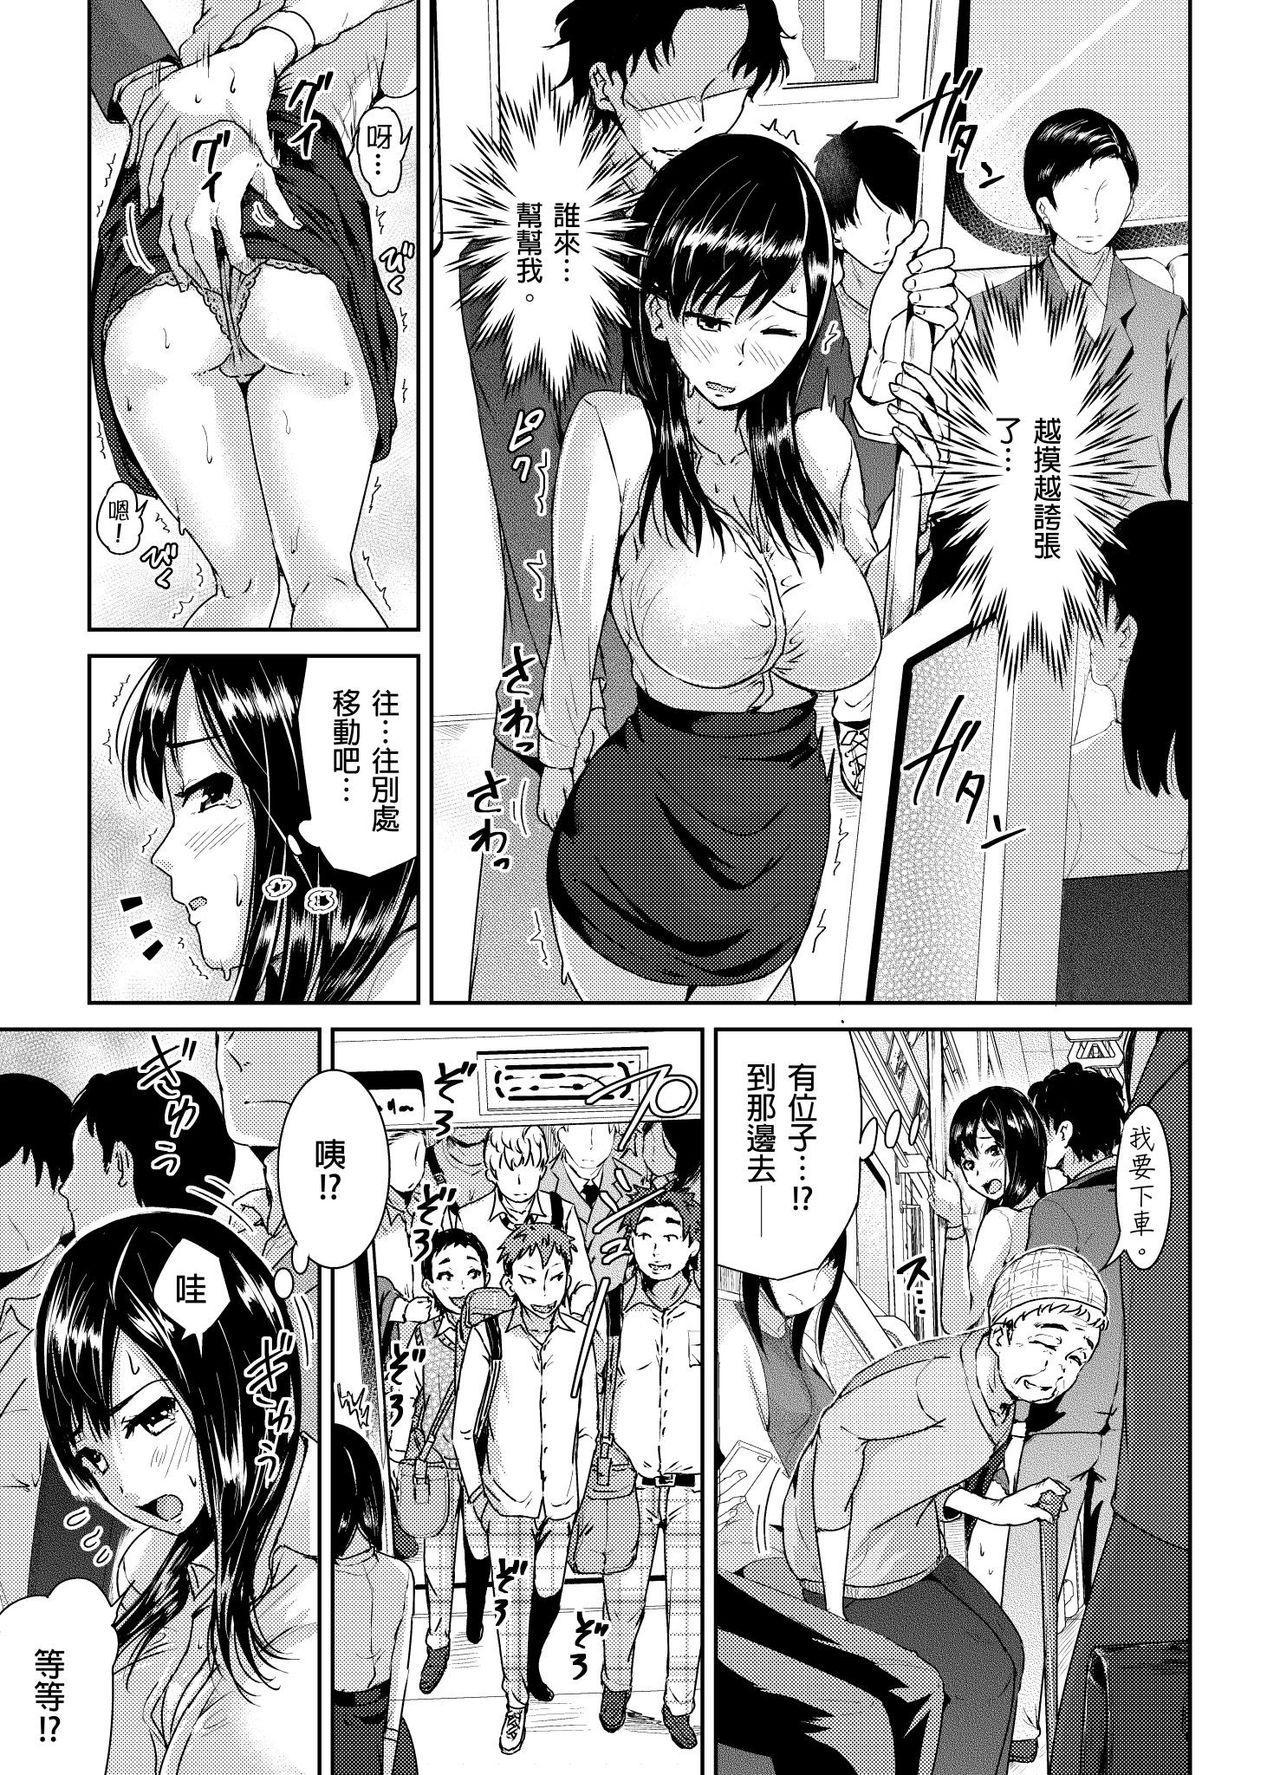 Shuudan Chikan ni Kakomarete Ganimata Iki Suru Onna Kyoushi Ch. 1 7